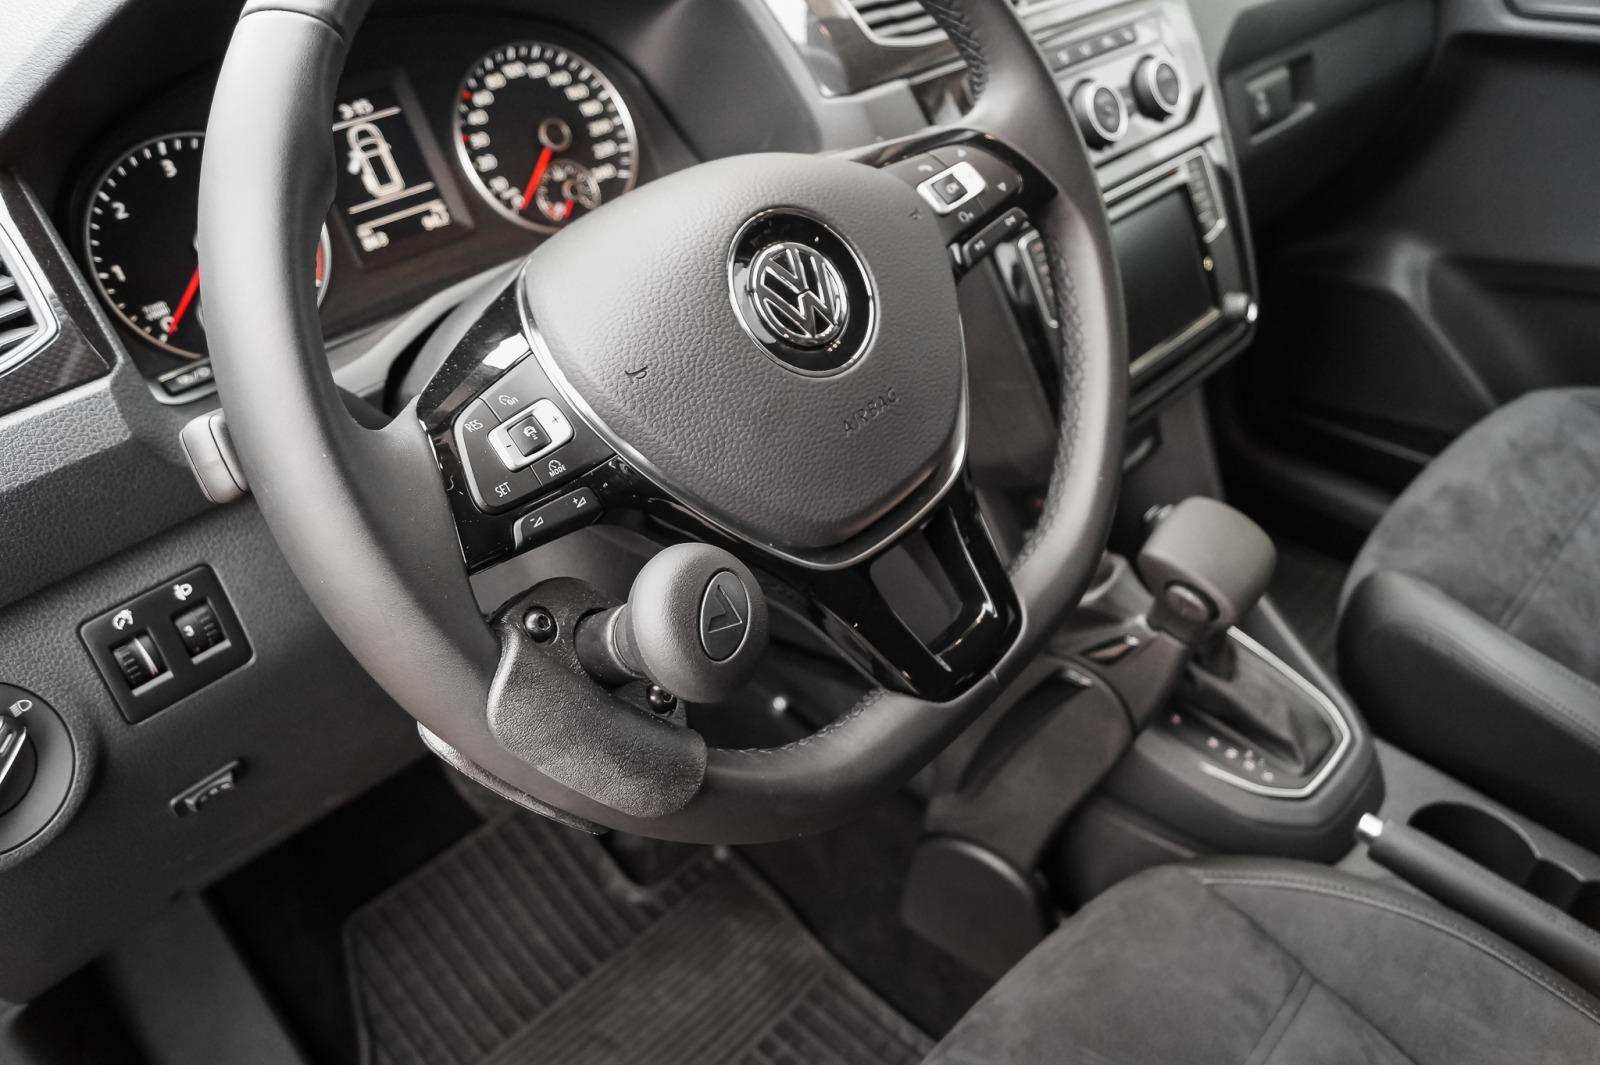 Lenkradknauf (Lenkradknopf) zur sicheren Fahrzeugbedienung